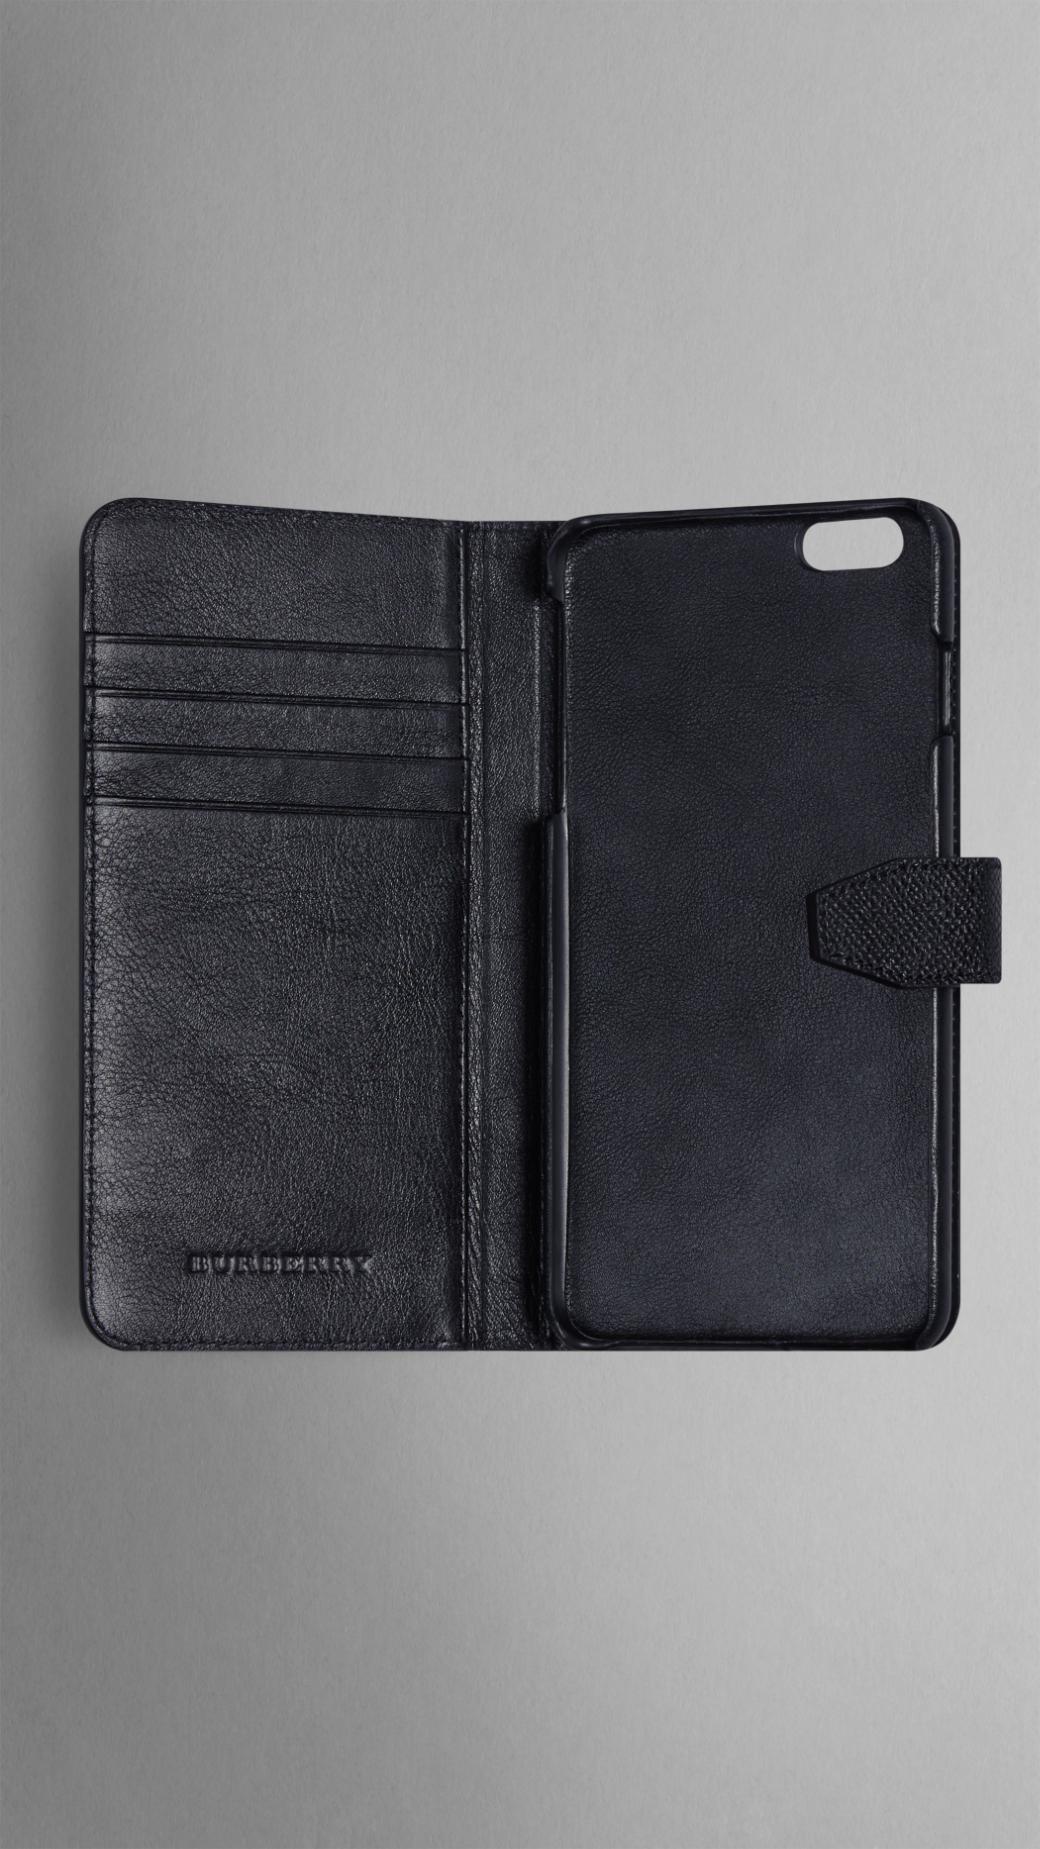 Burberry Iphone 6s